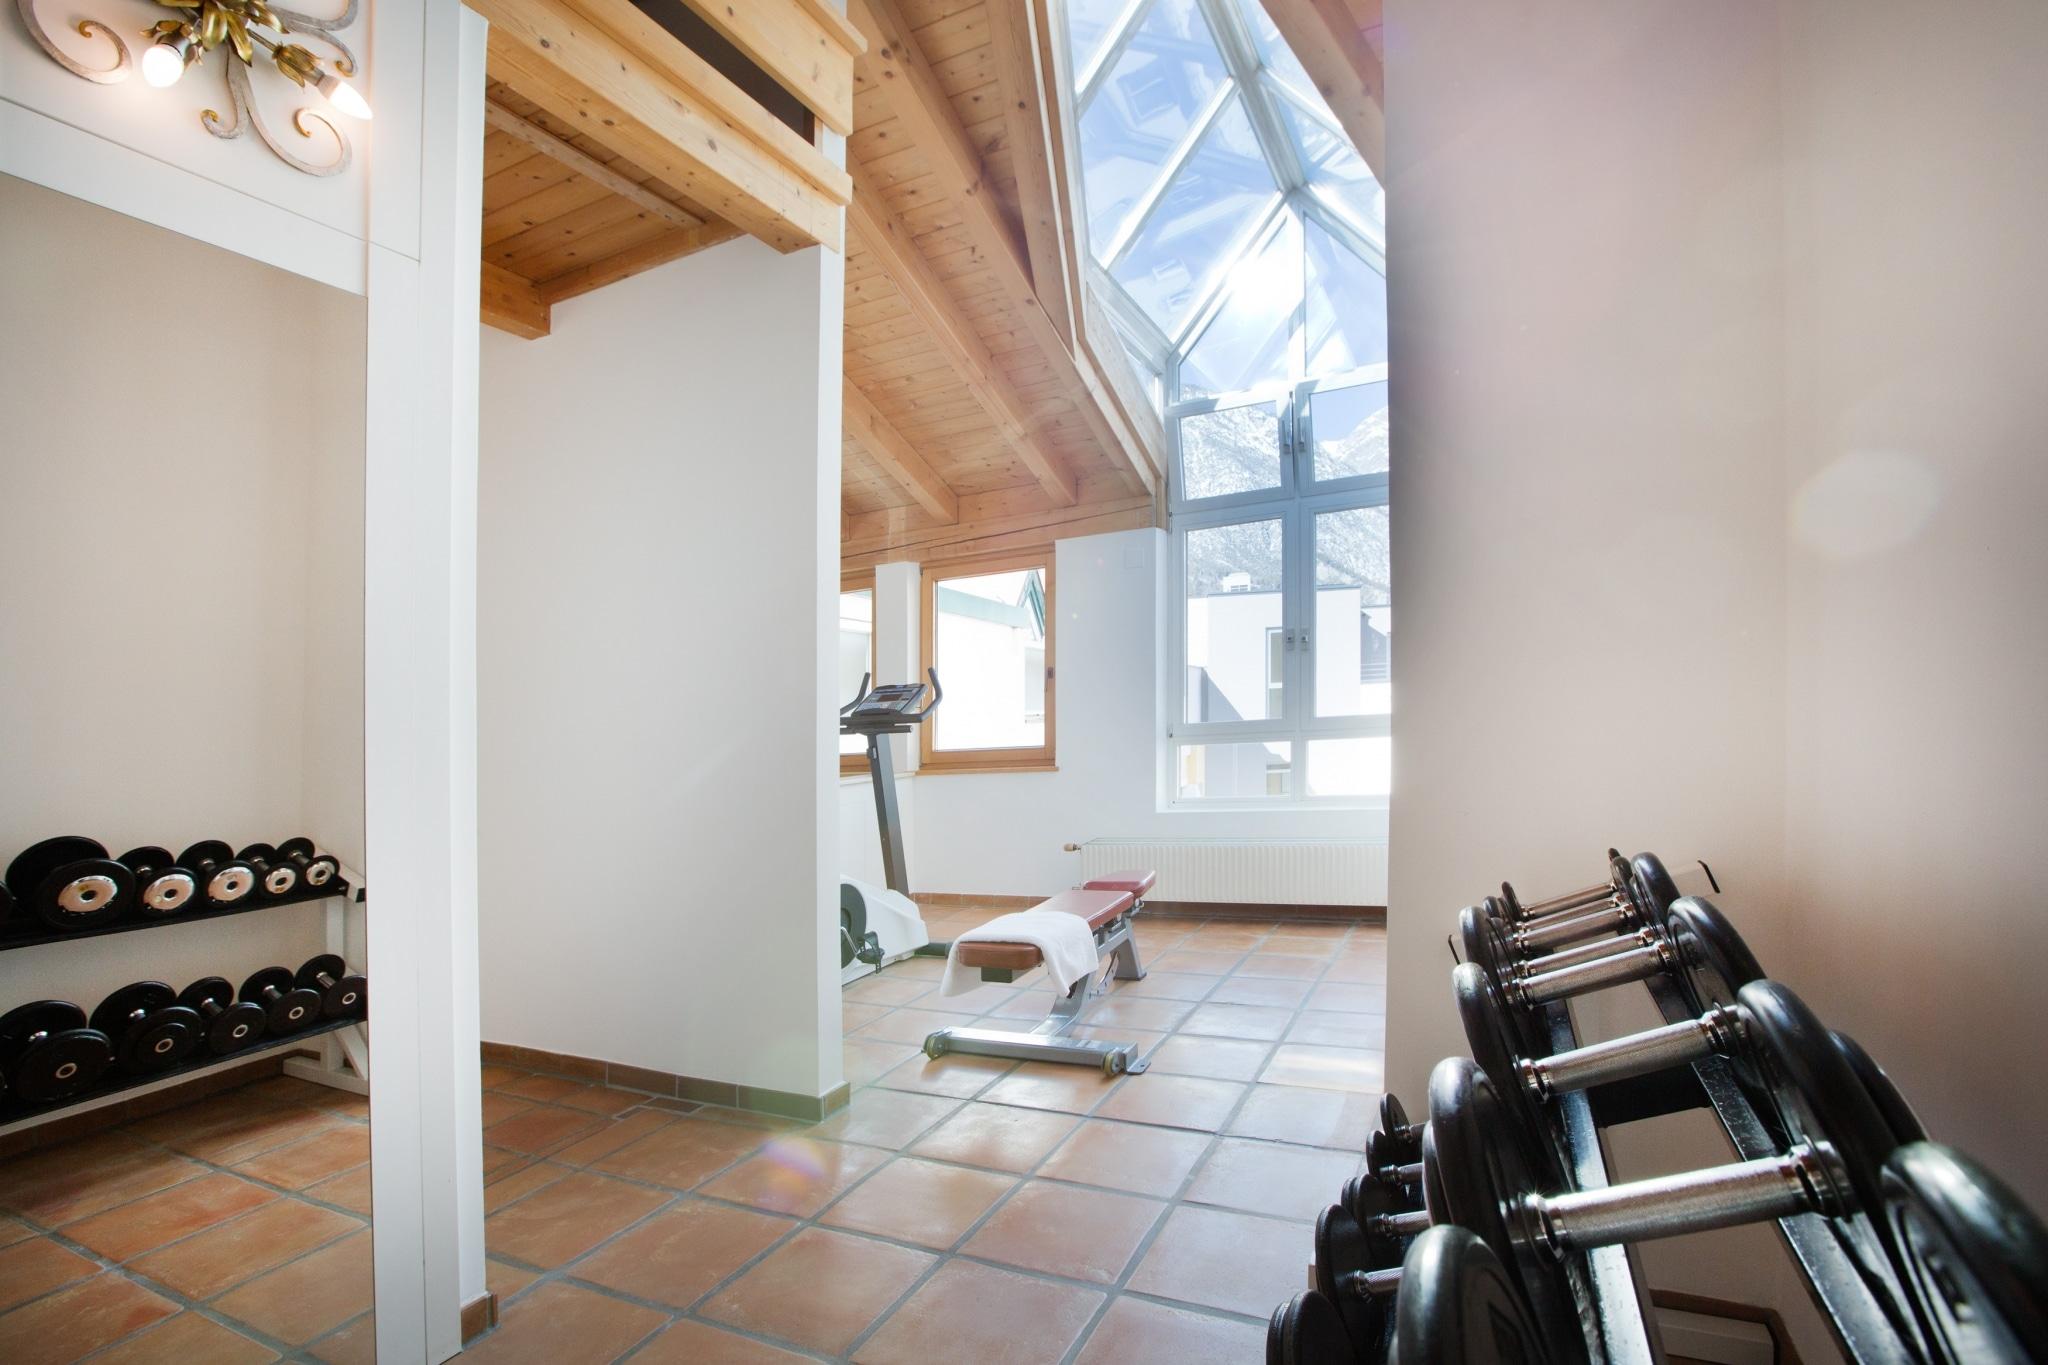 Sie suchen ein Hotel mit Fitnessraum? Dann sind Sie im Hotel Schrofenstein in Landeck richtig.